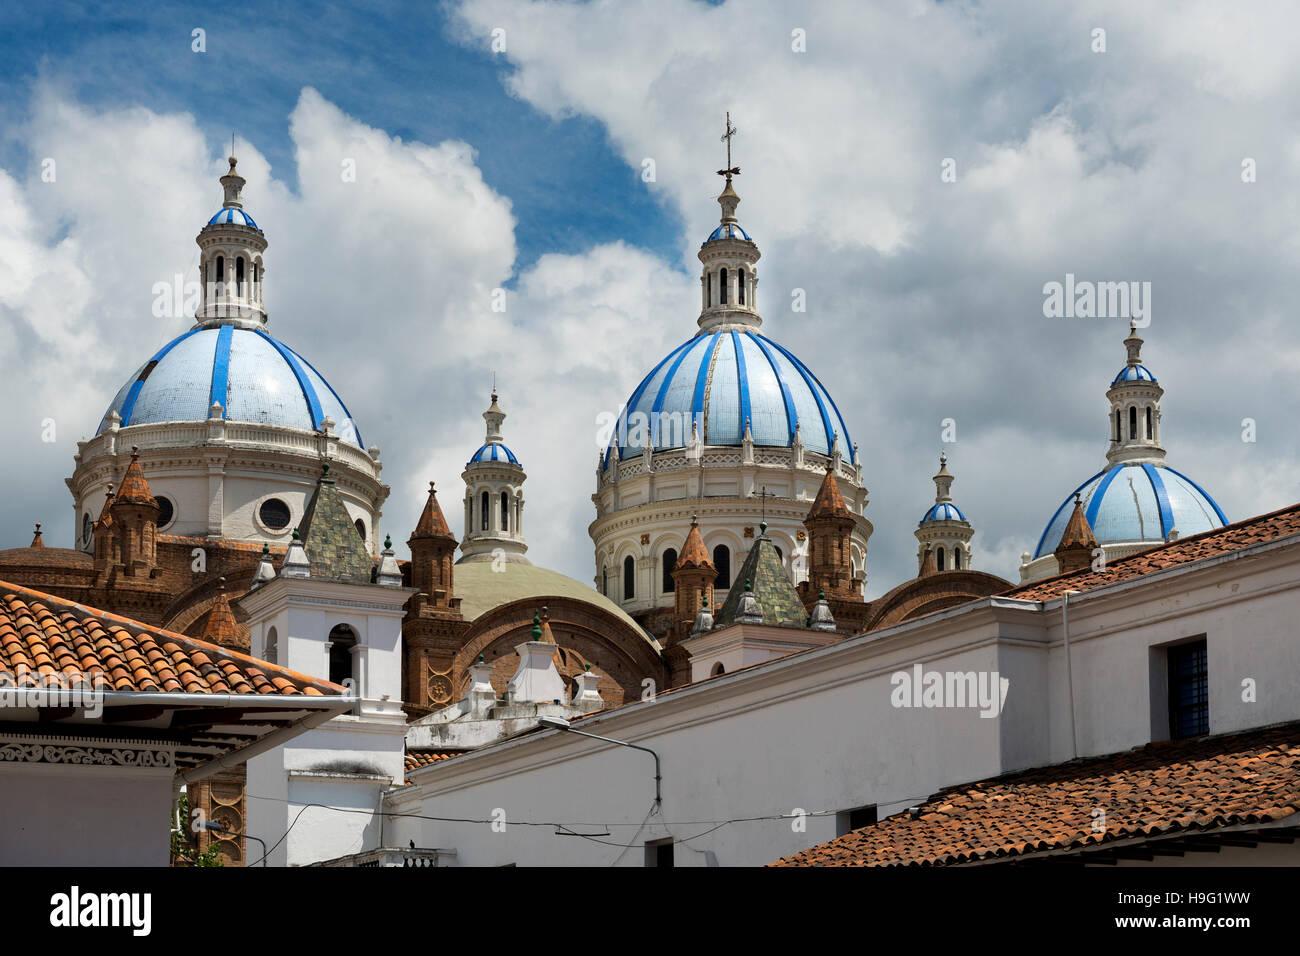 Détail de la coupoles bleues de la cathédrale de Cuenca, Equateur, Amérique du Sud Photo Stock